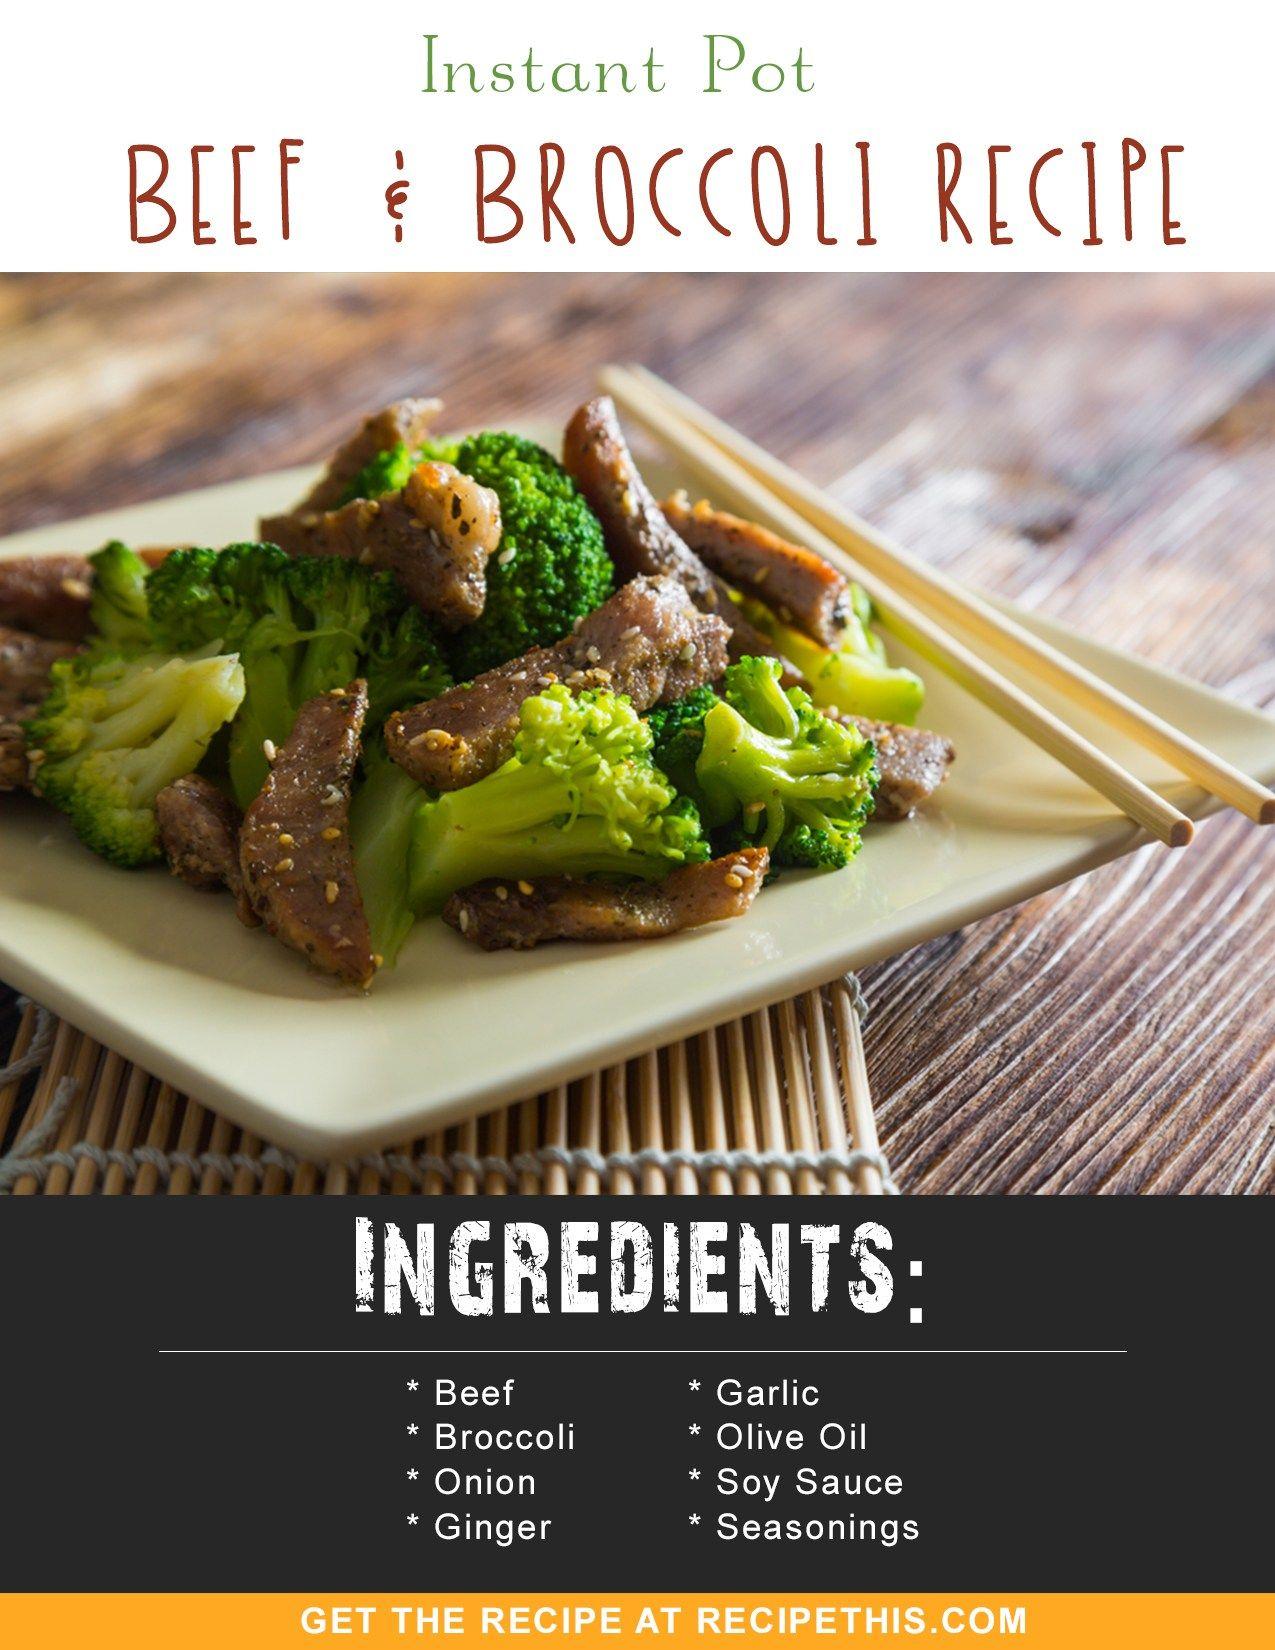 Instant Pot Recipes | Instant Pot Beef & Broccoli Recipe from RecipeThis.com